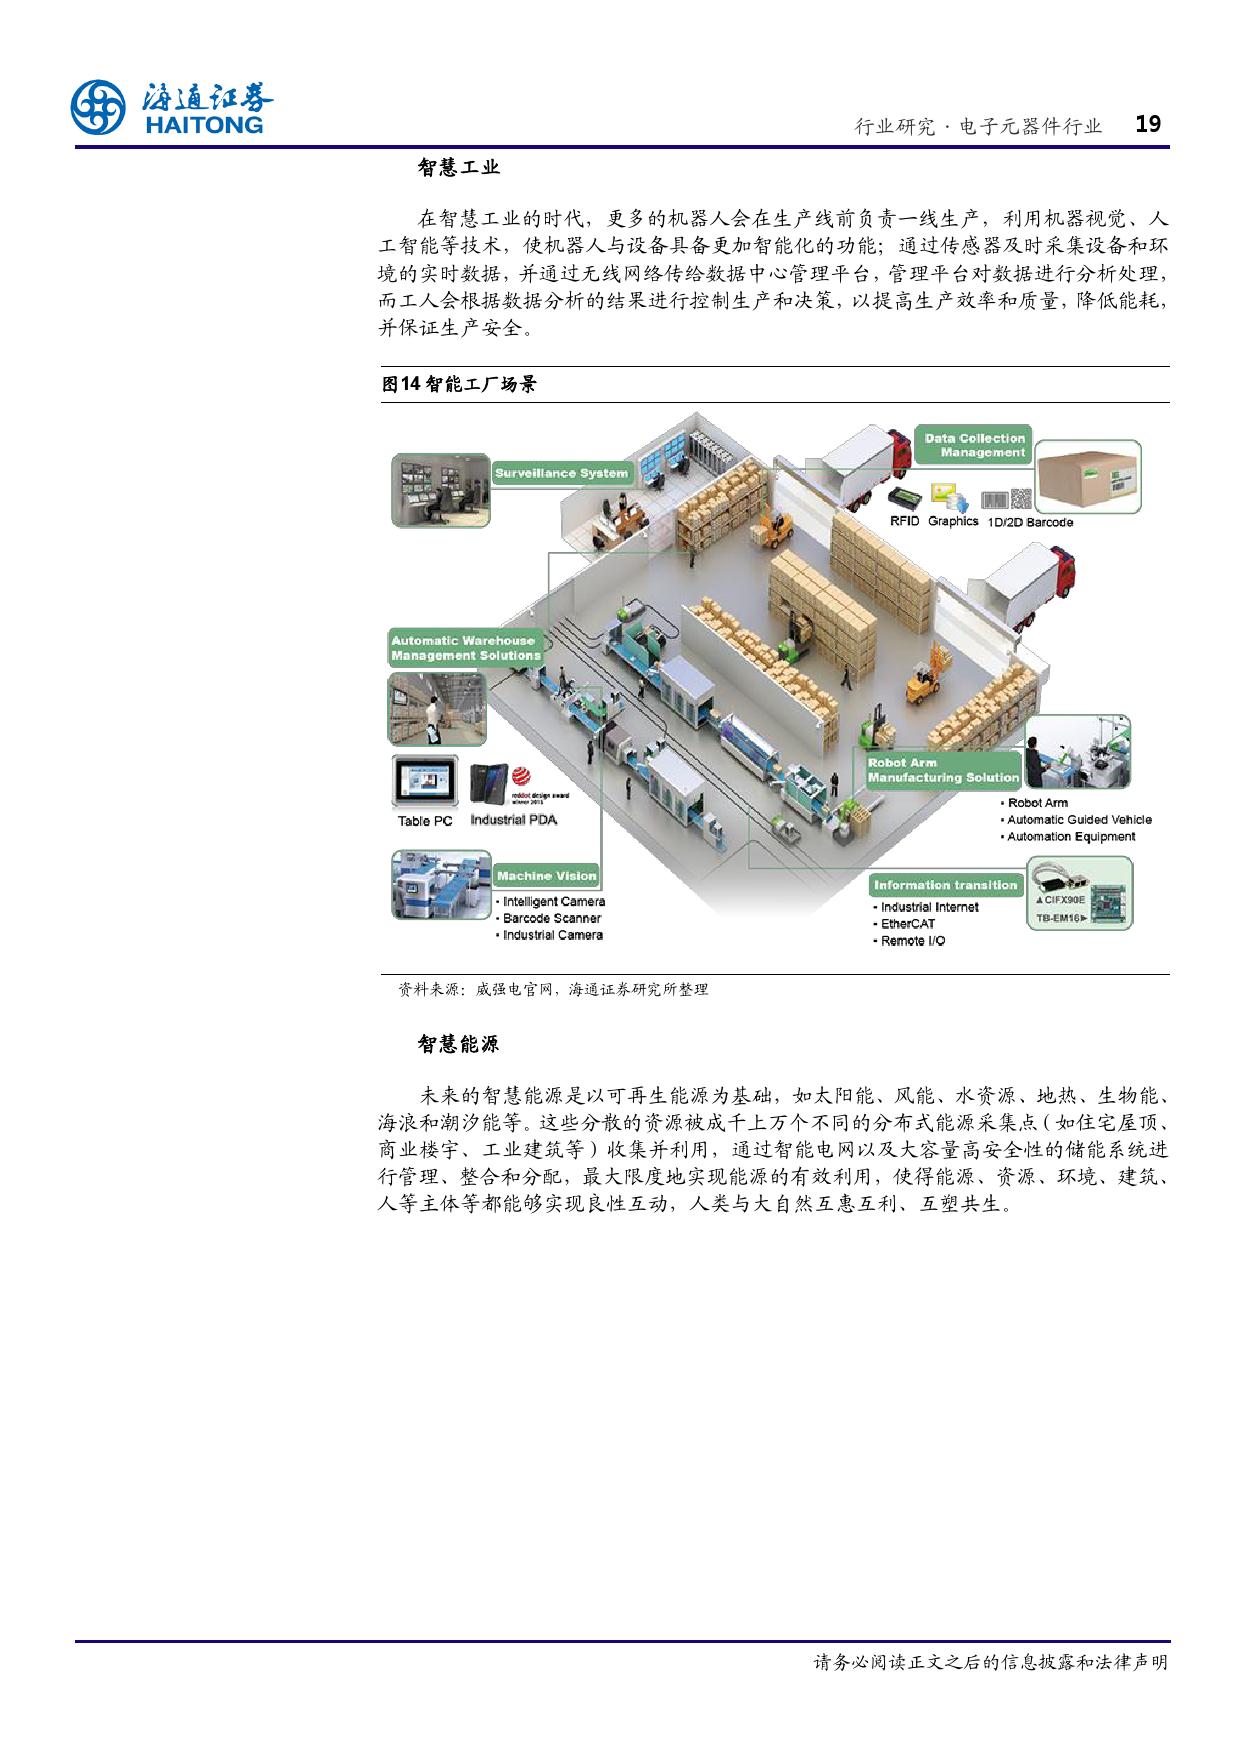 报告全解传感器全球产业链_000019